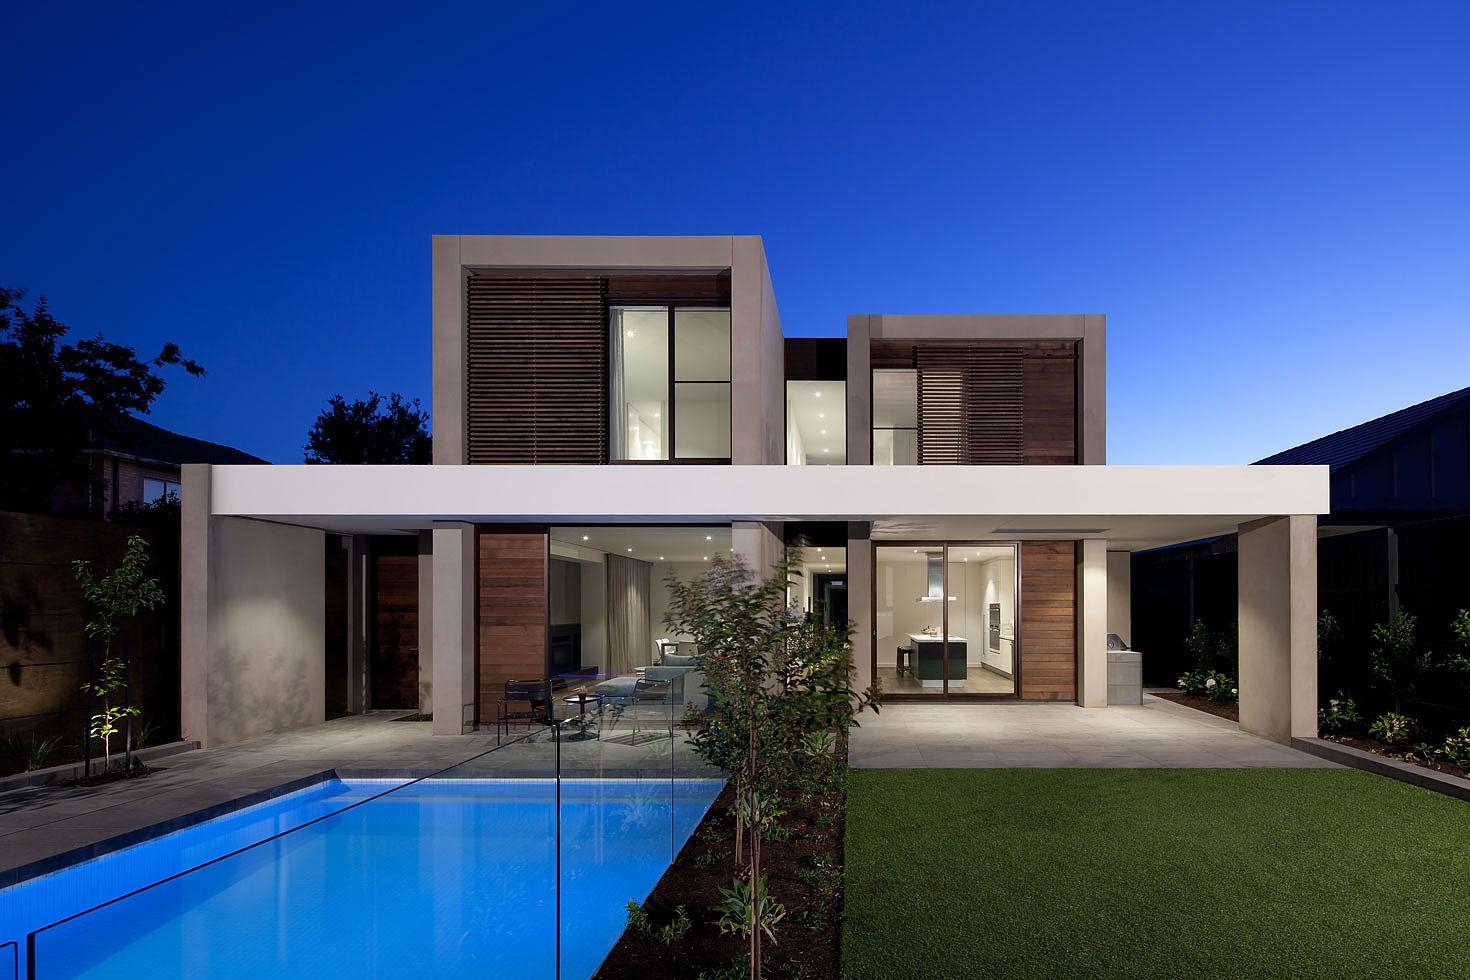 Brighton-House-by-InForm australisk arkitektur och några vackra hus för att inspirera dig